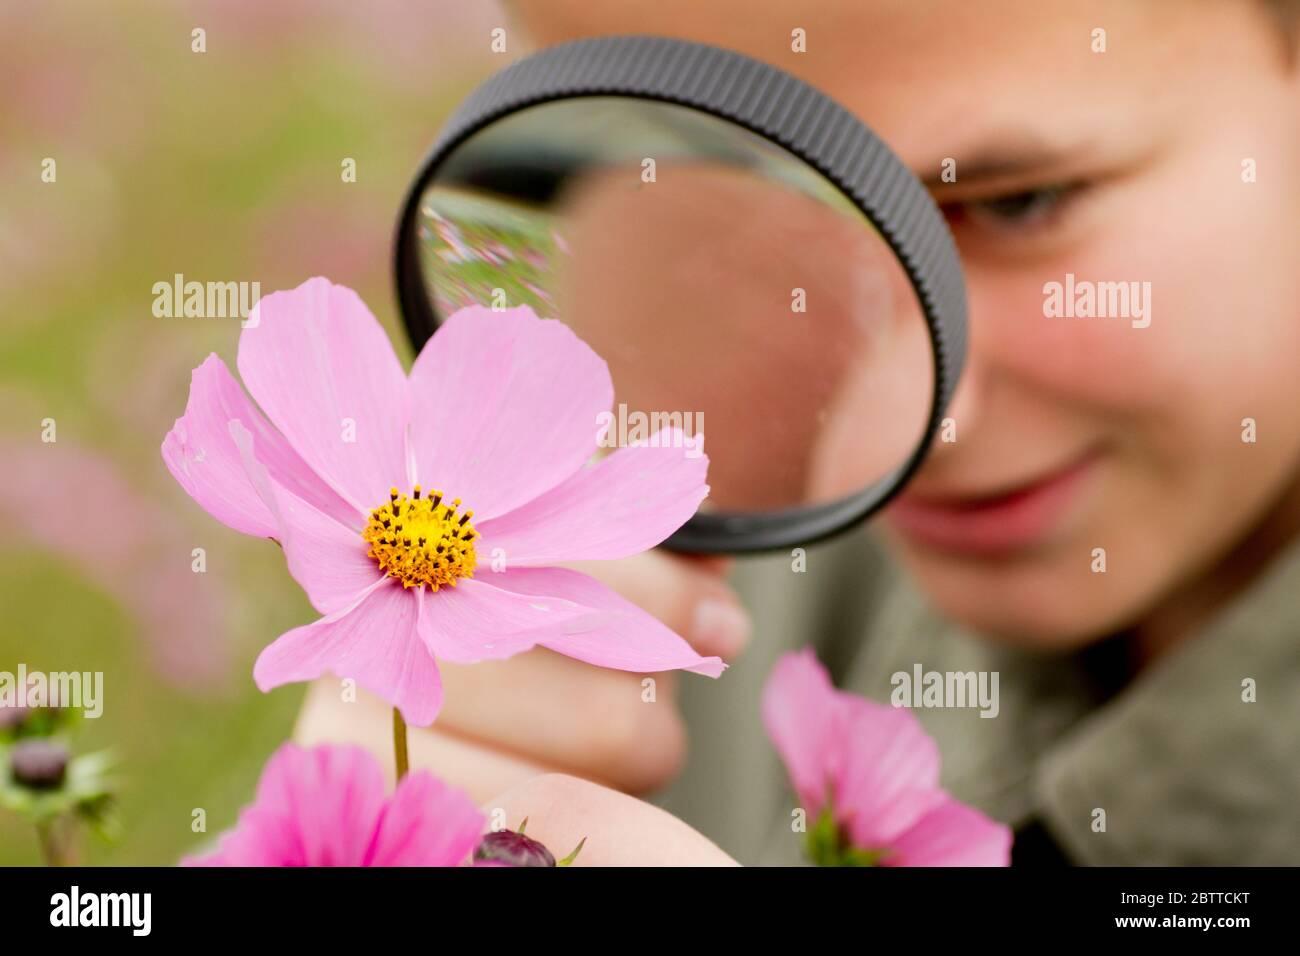 Junge betrachtet Blume durch eine Lupe, MR: Yes Stock Photo